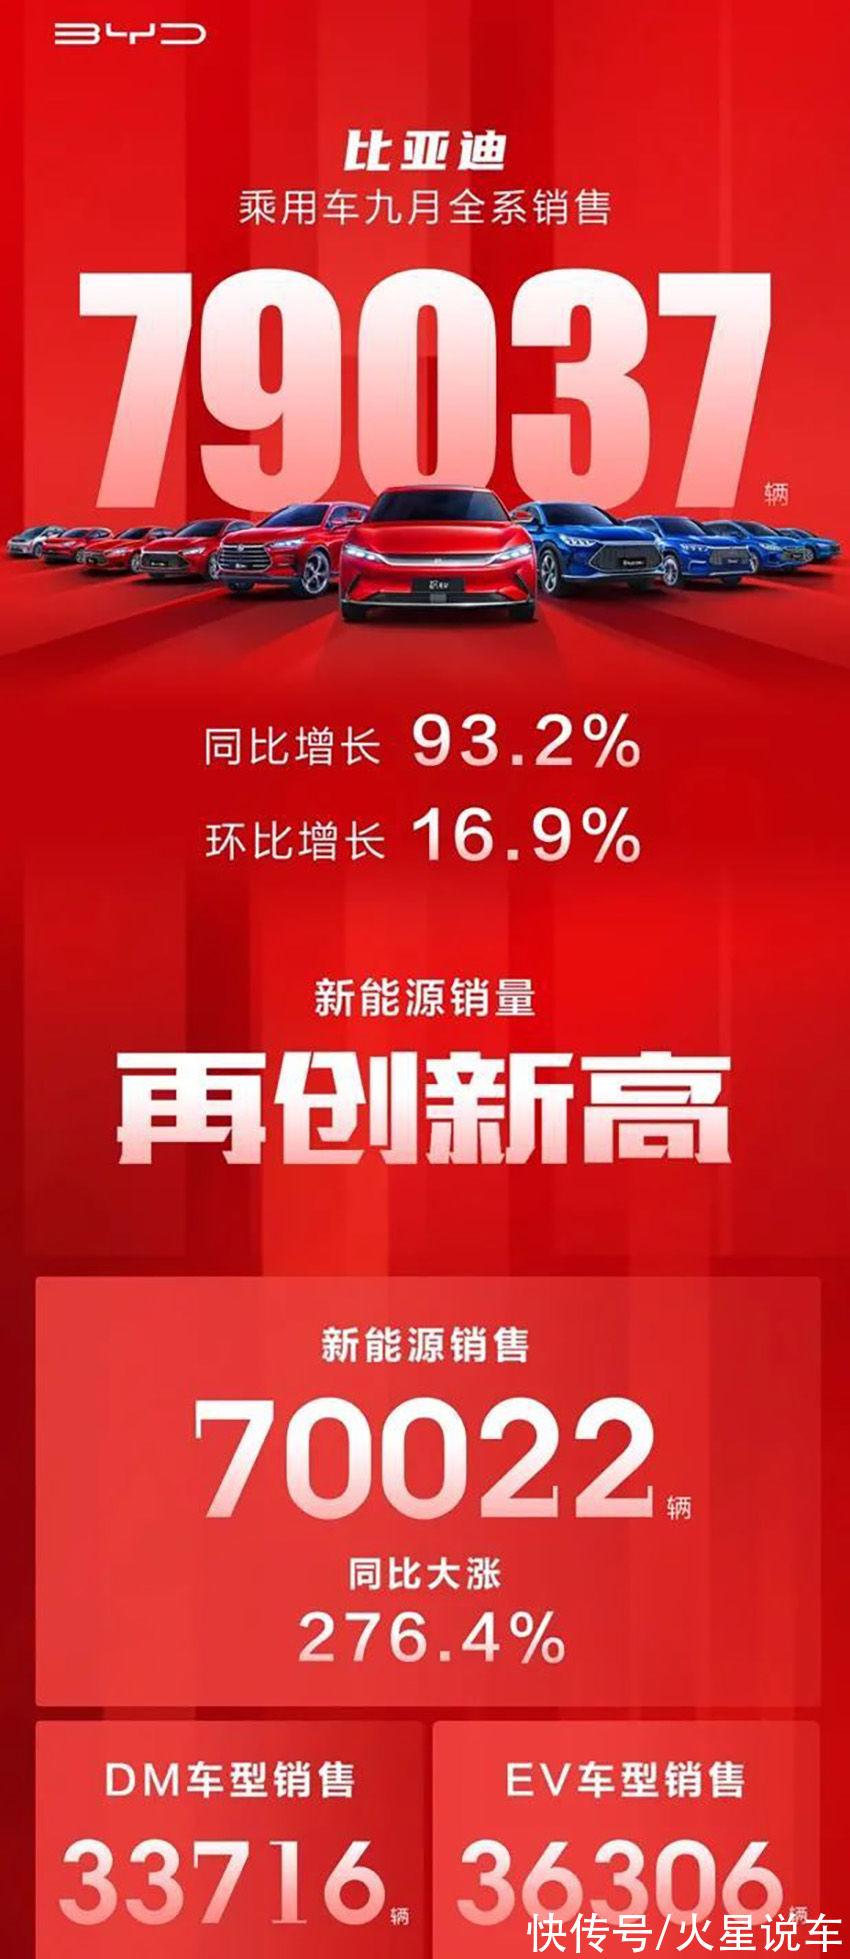 混动系统 9月新能源汽车销量排名榜出炉:比亚迪排第一,理想排第五